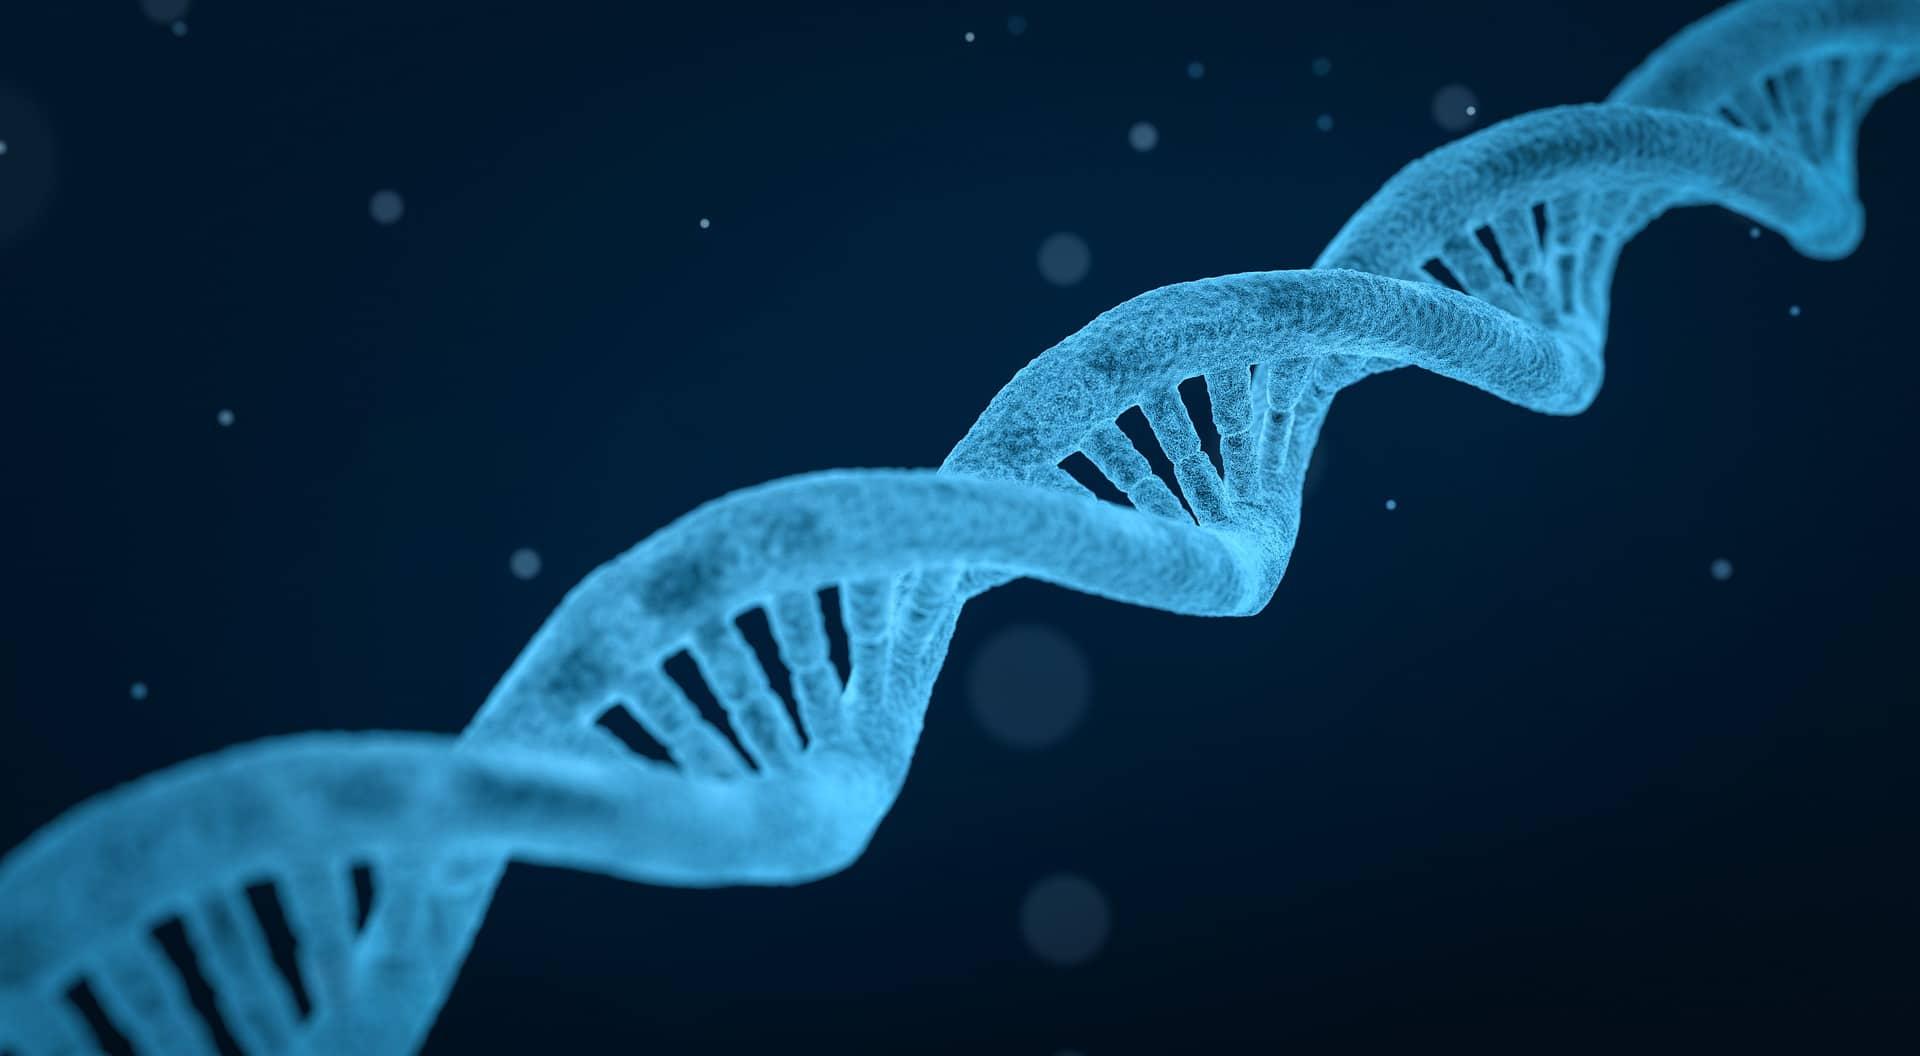 Código genético: o que é, propriedades e mais!